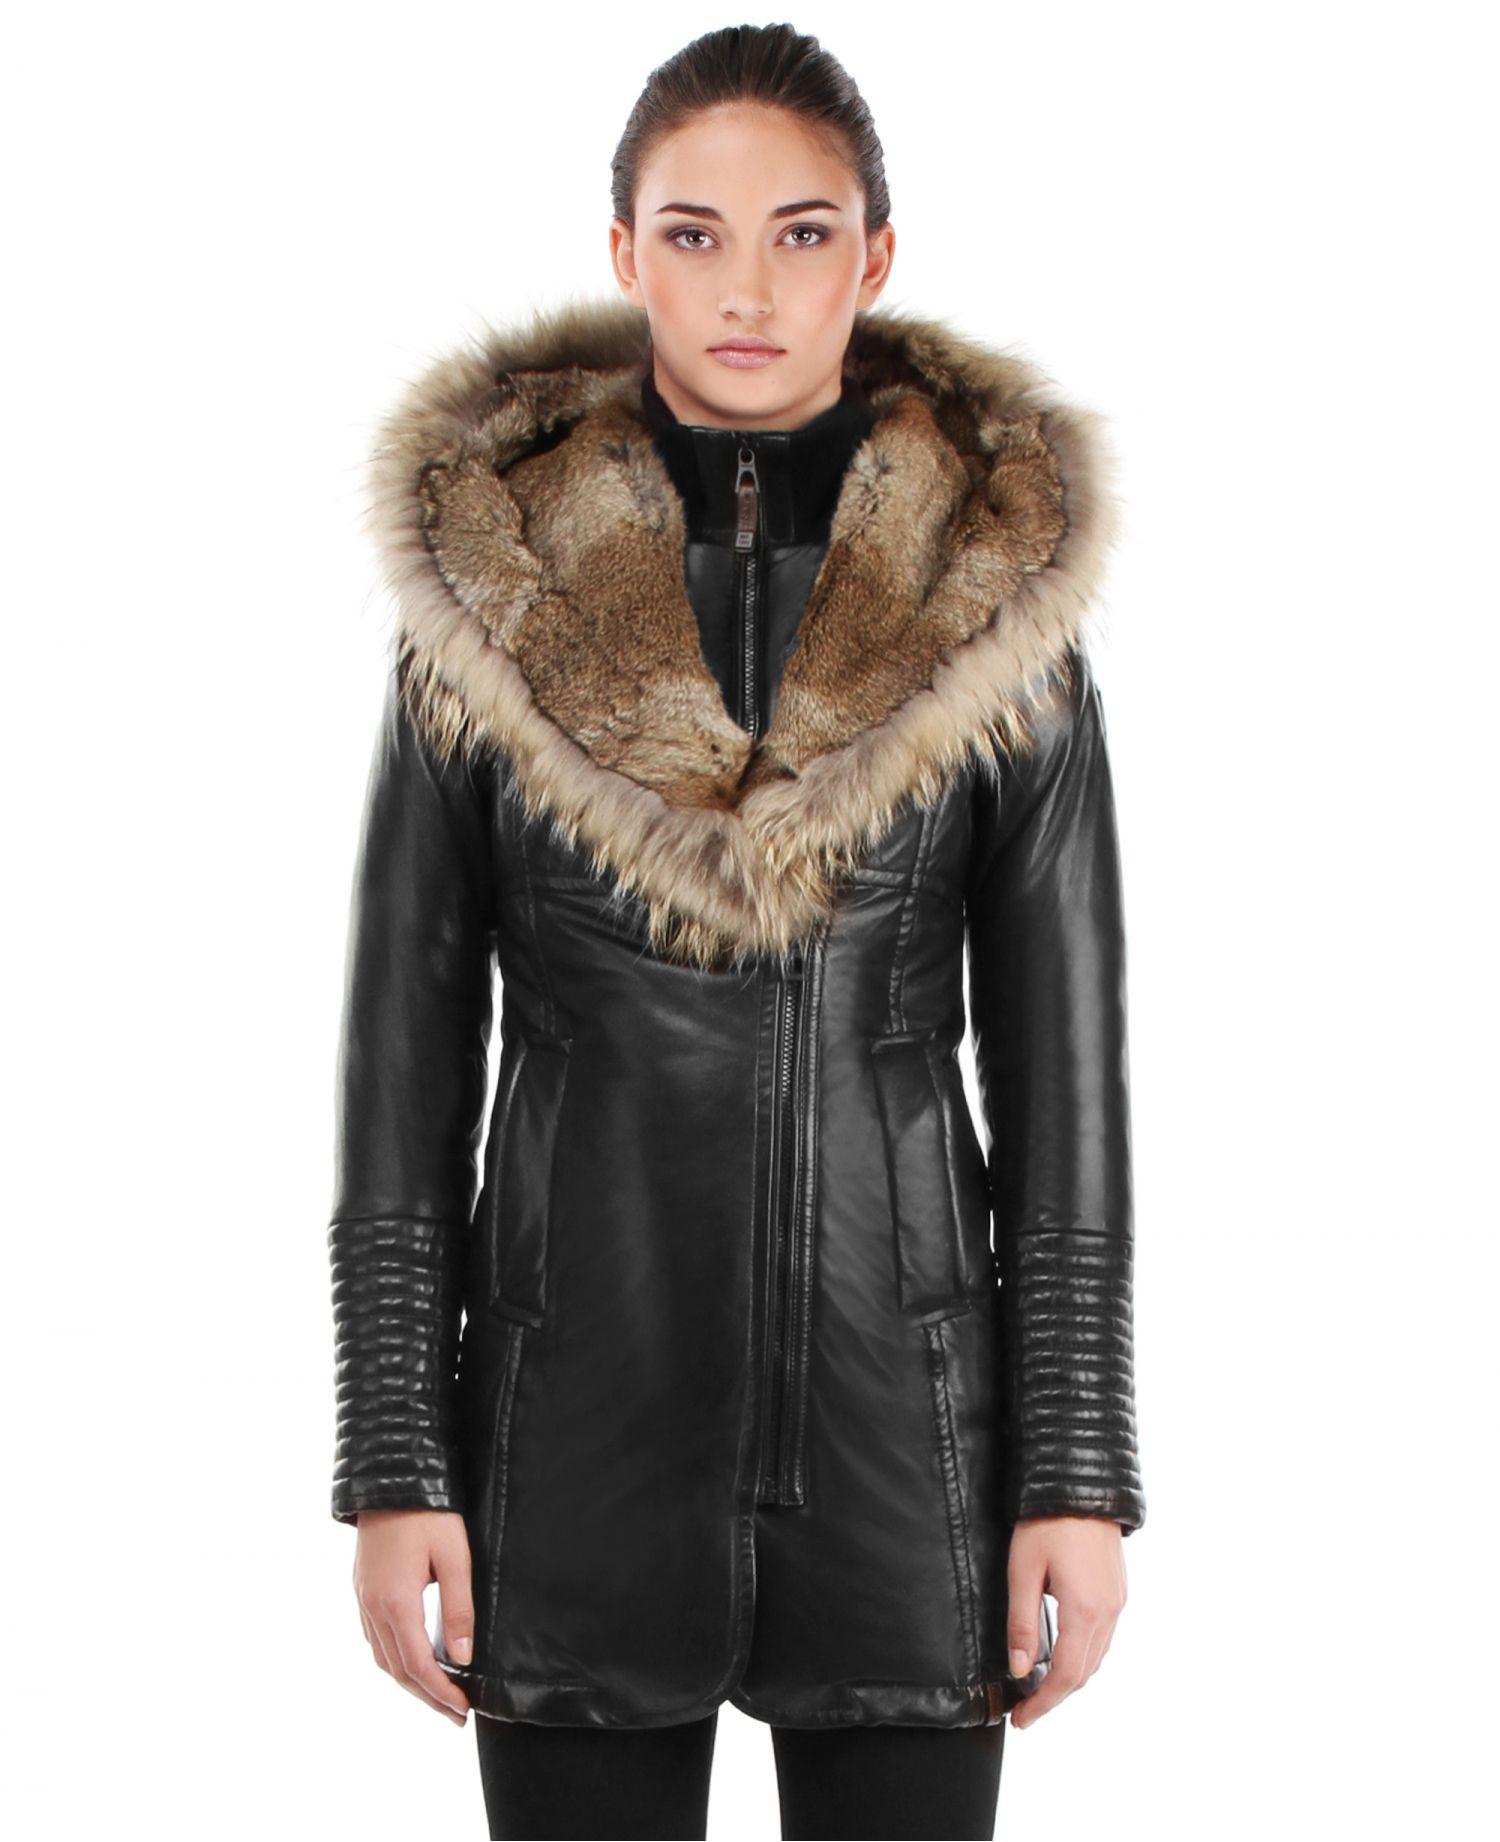 RUDSAK Coats (BLACK/NATURAL , GENUINE LAMB LEATHER